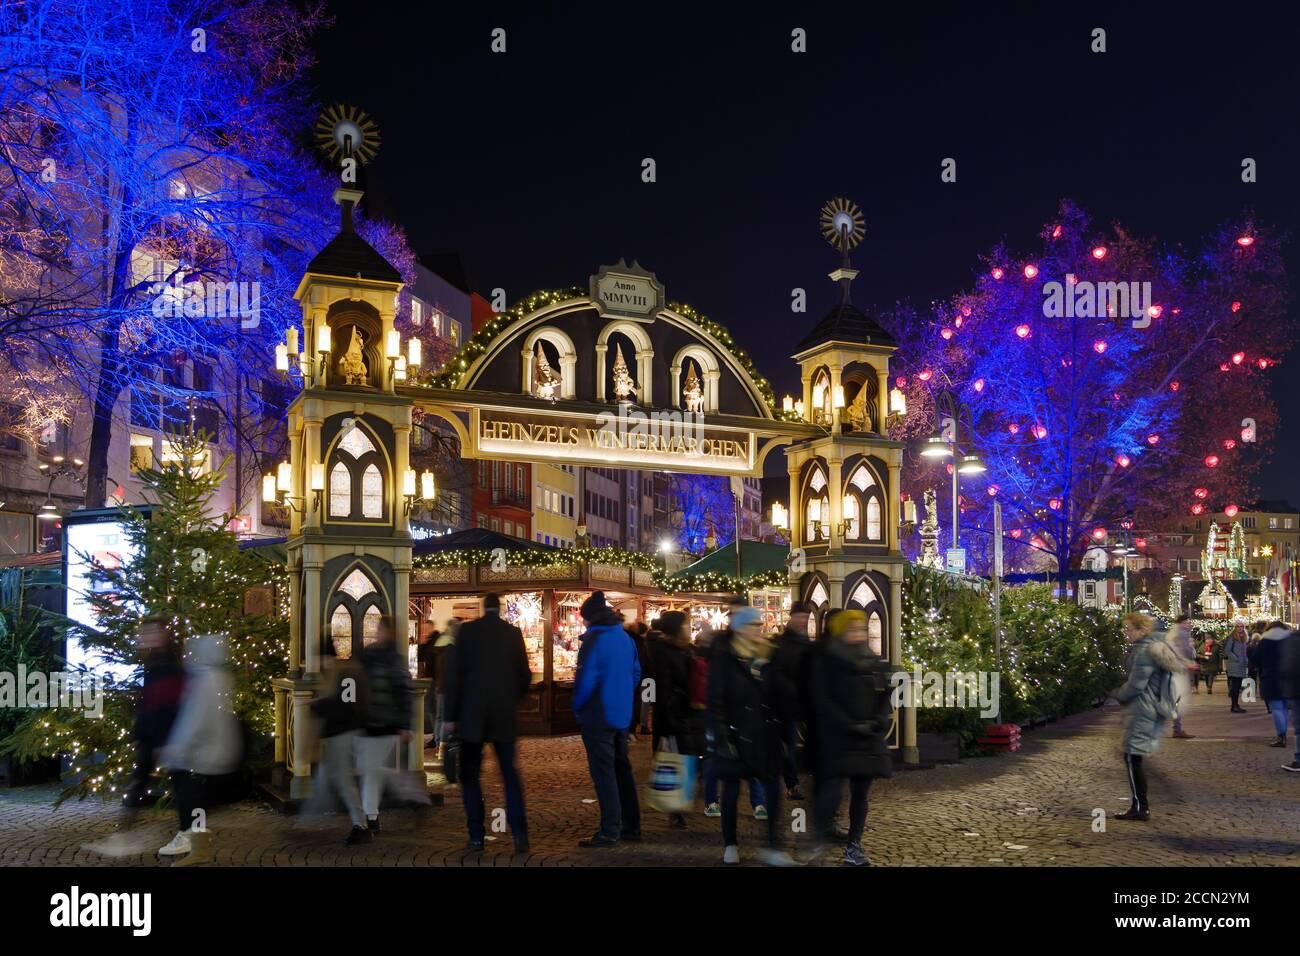 Paisaje nocturno, hermosa entrada arqueada de Weihnachtsmarkt, mercado de Navidad en Köln, en Alter Markt, famoso mercado cerca del ayuntamiento de Colonia. Foto de stock